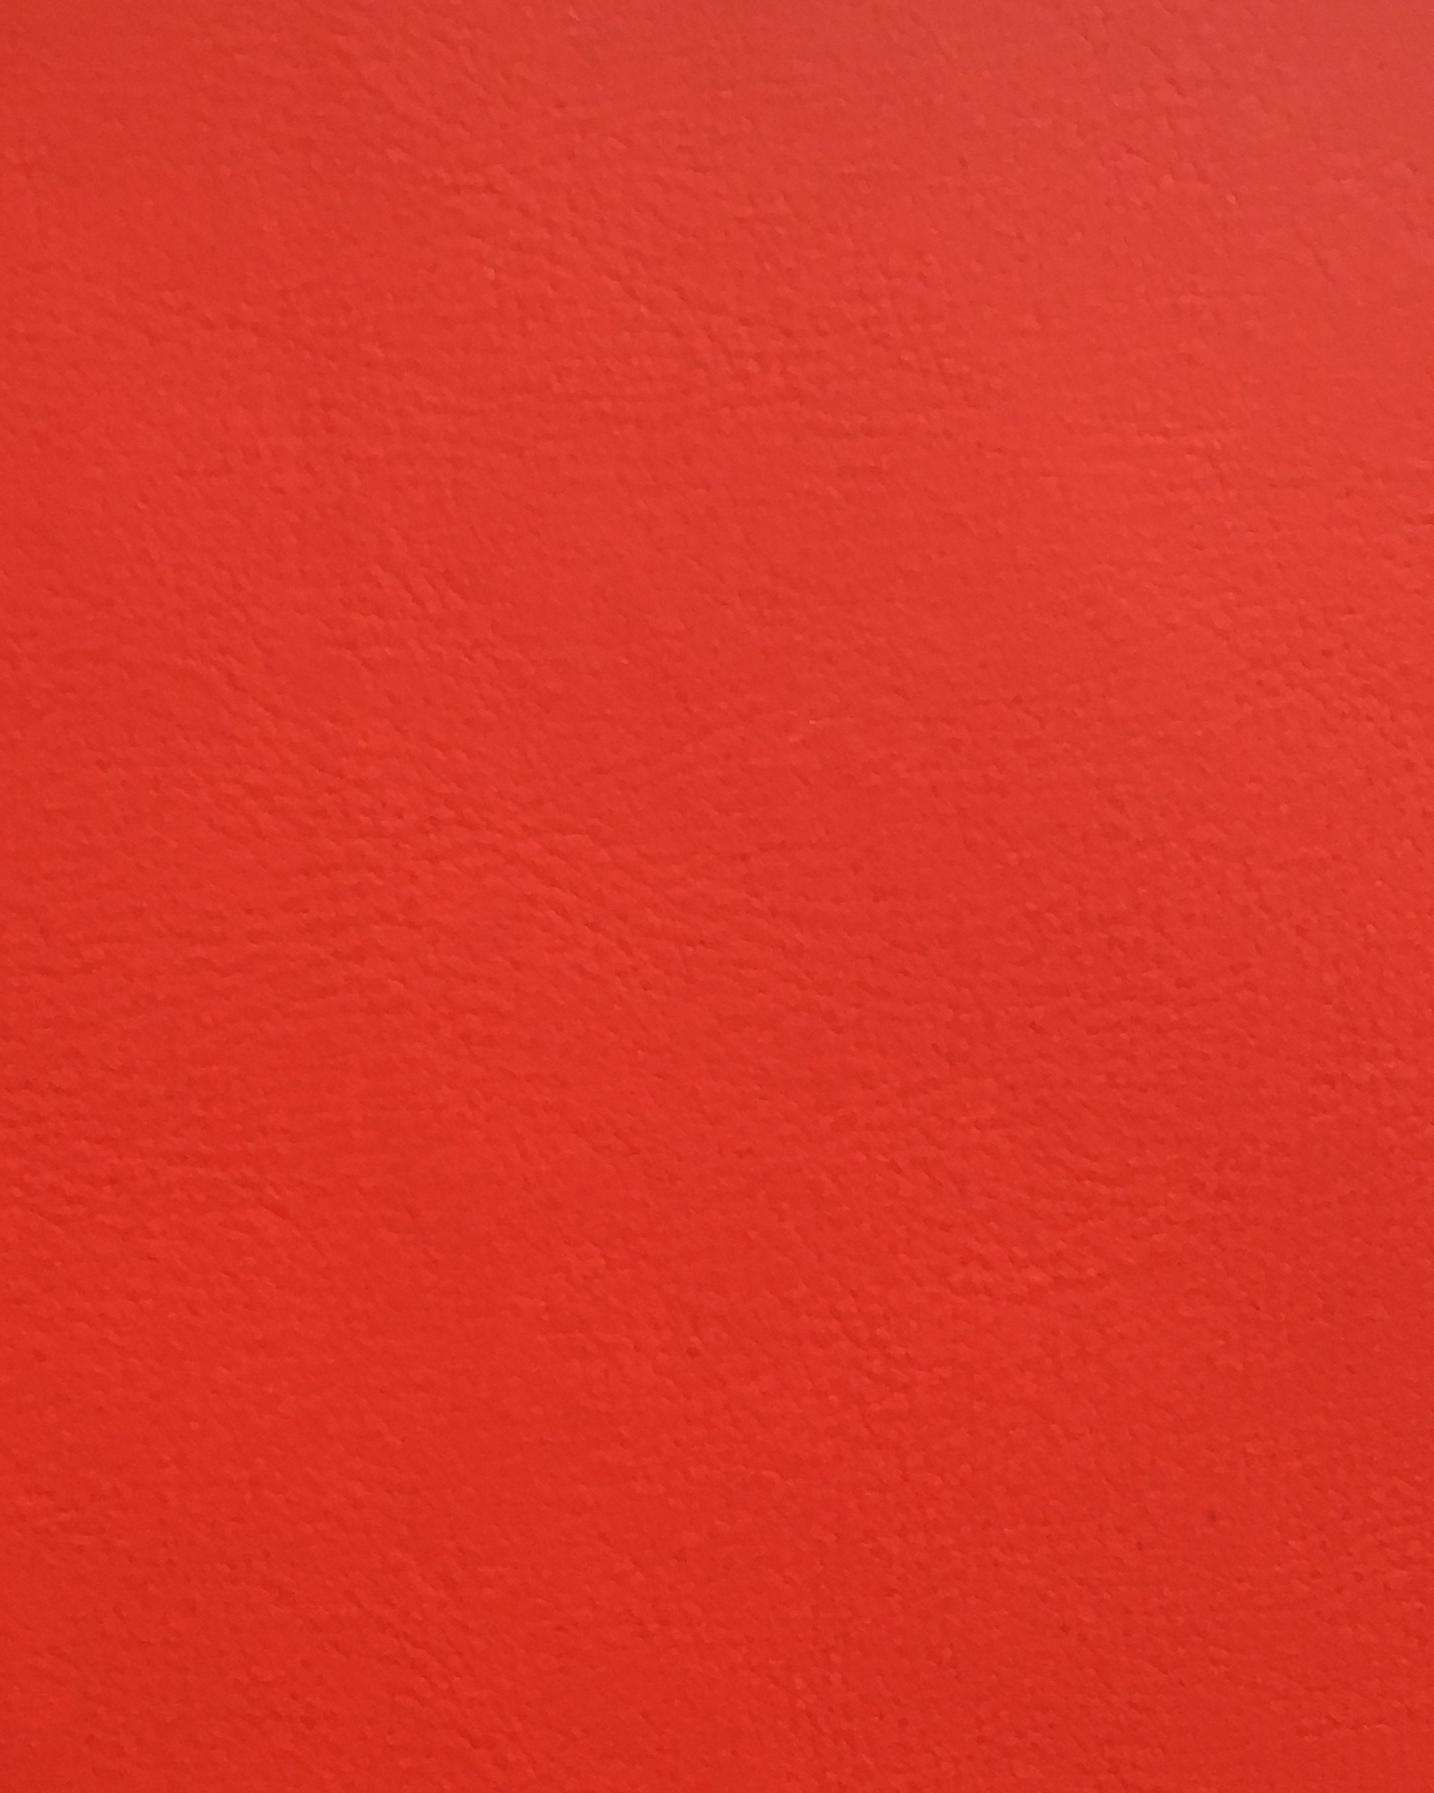 纳帕配皮系列-大红